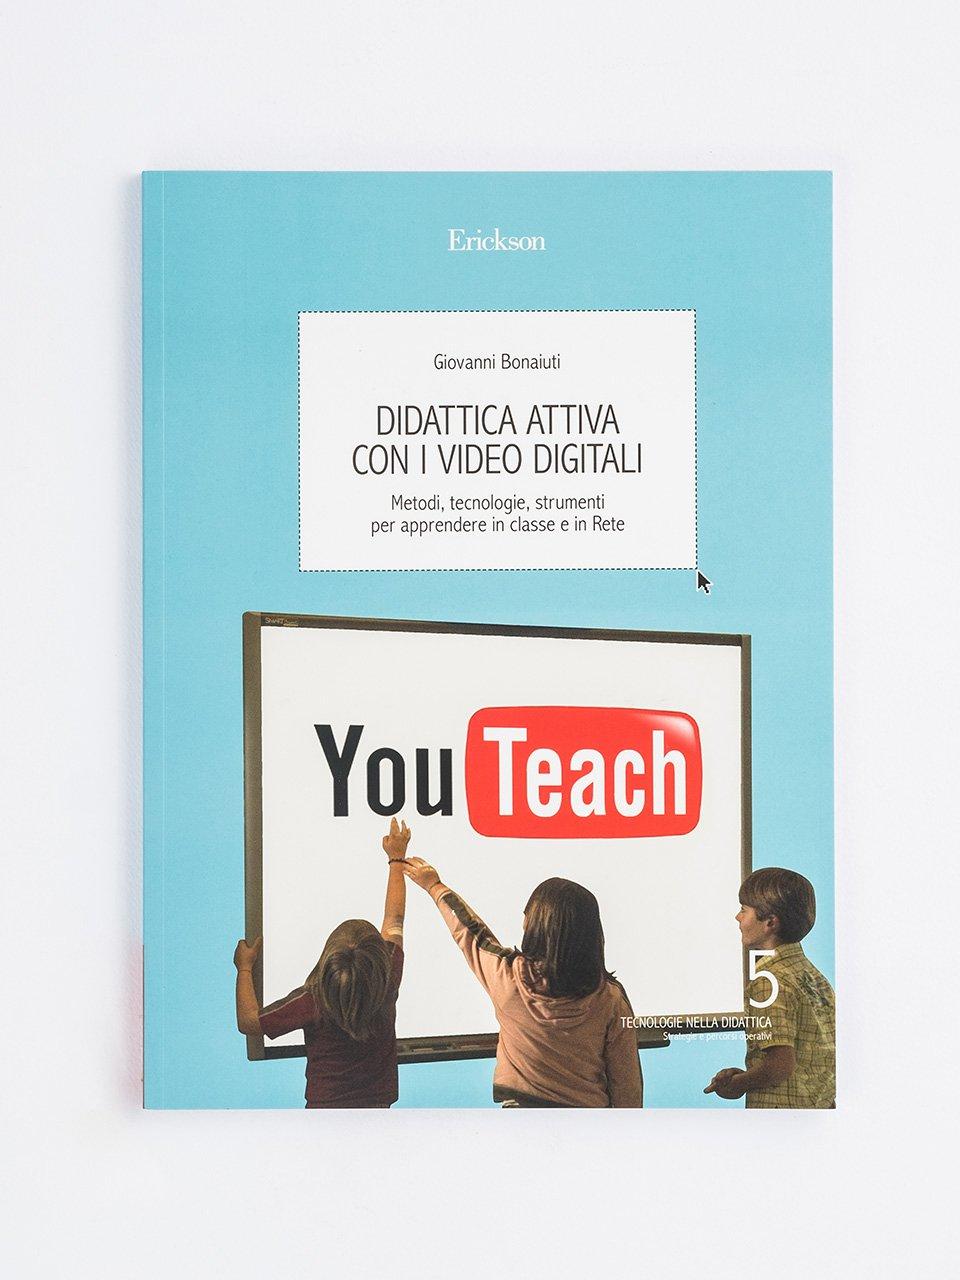 Didattica attiva con i video digitali - Teacher Education Agenda - Libri - Erickson